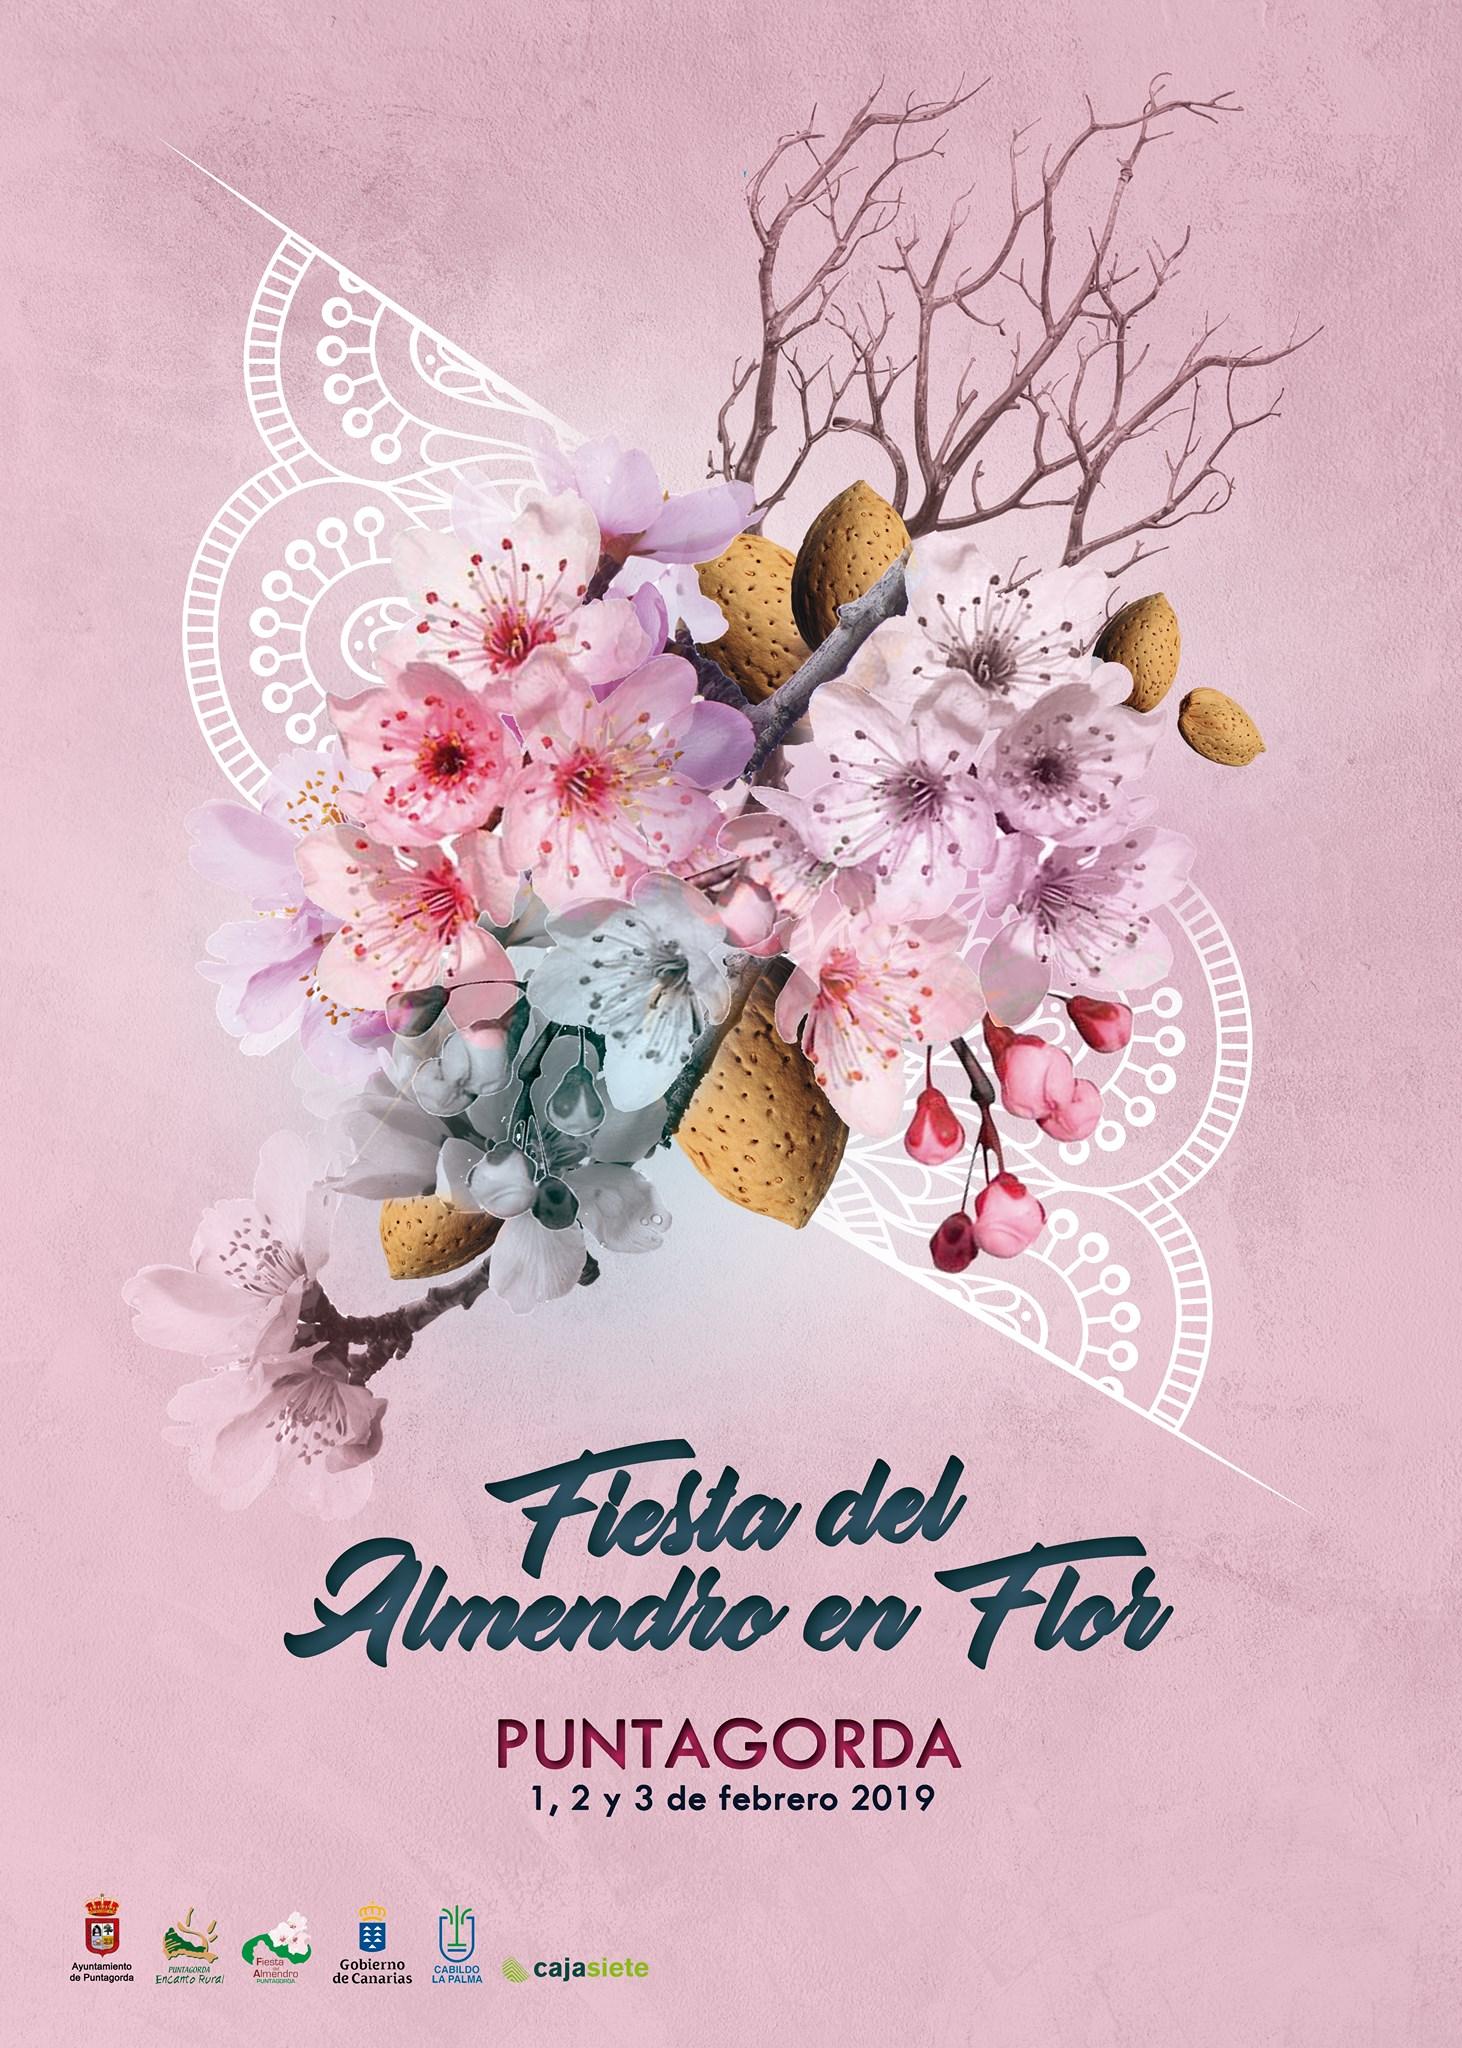 Visit La Palma - Fiesta del almendro en flor (Puntagorda)